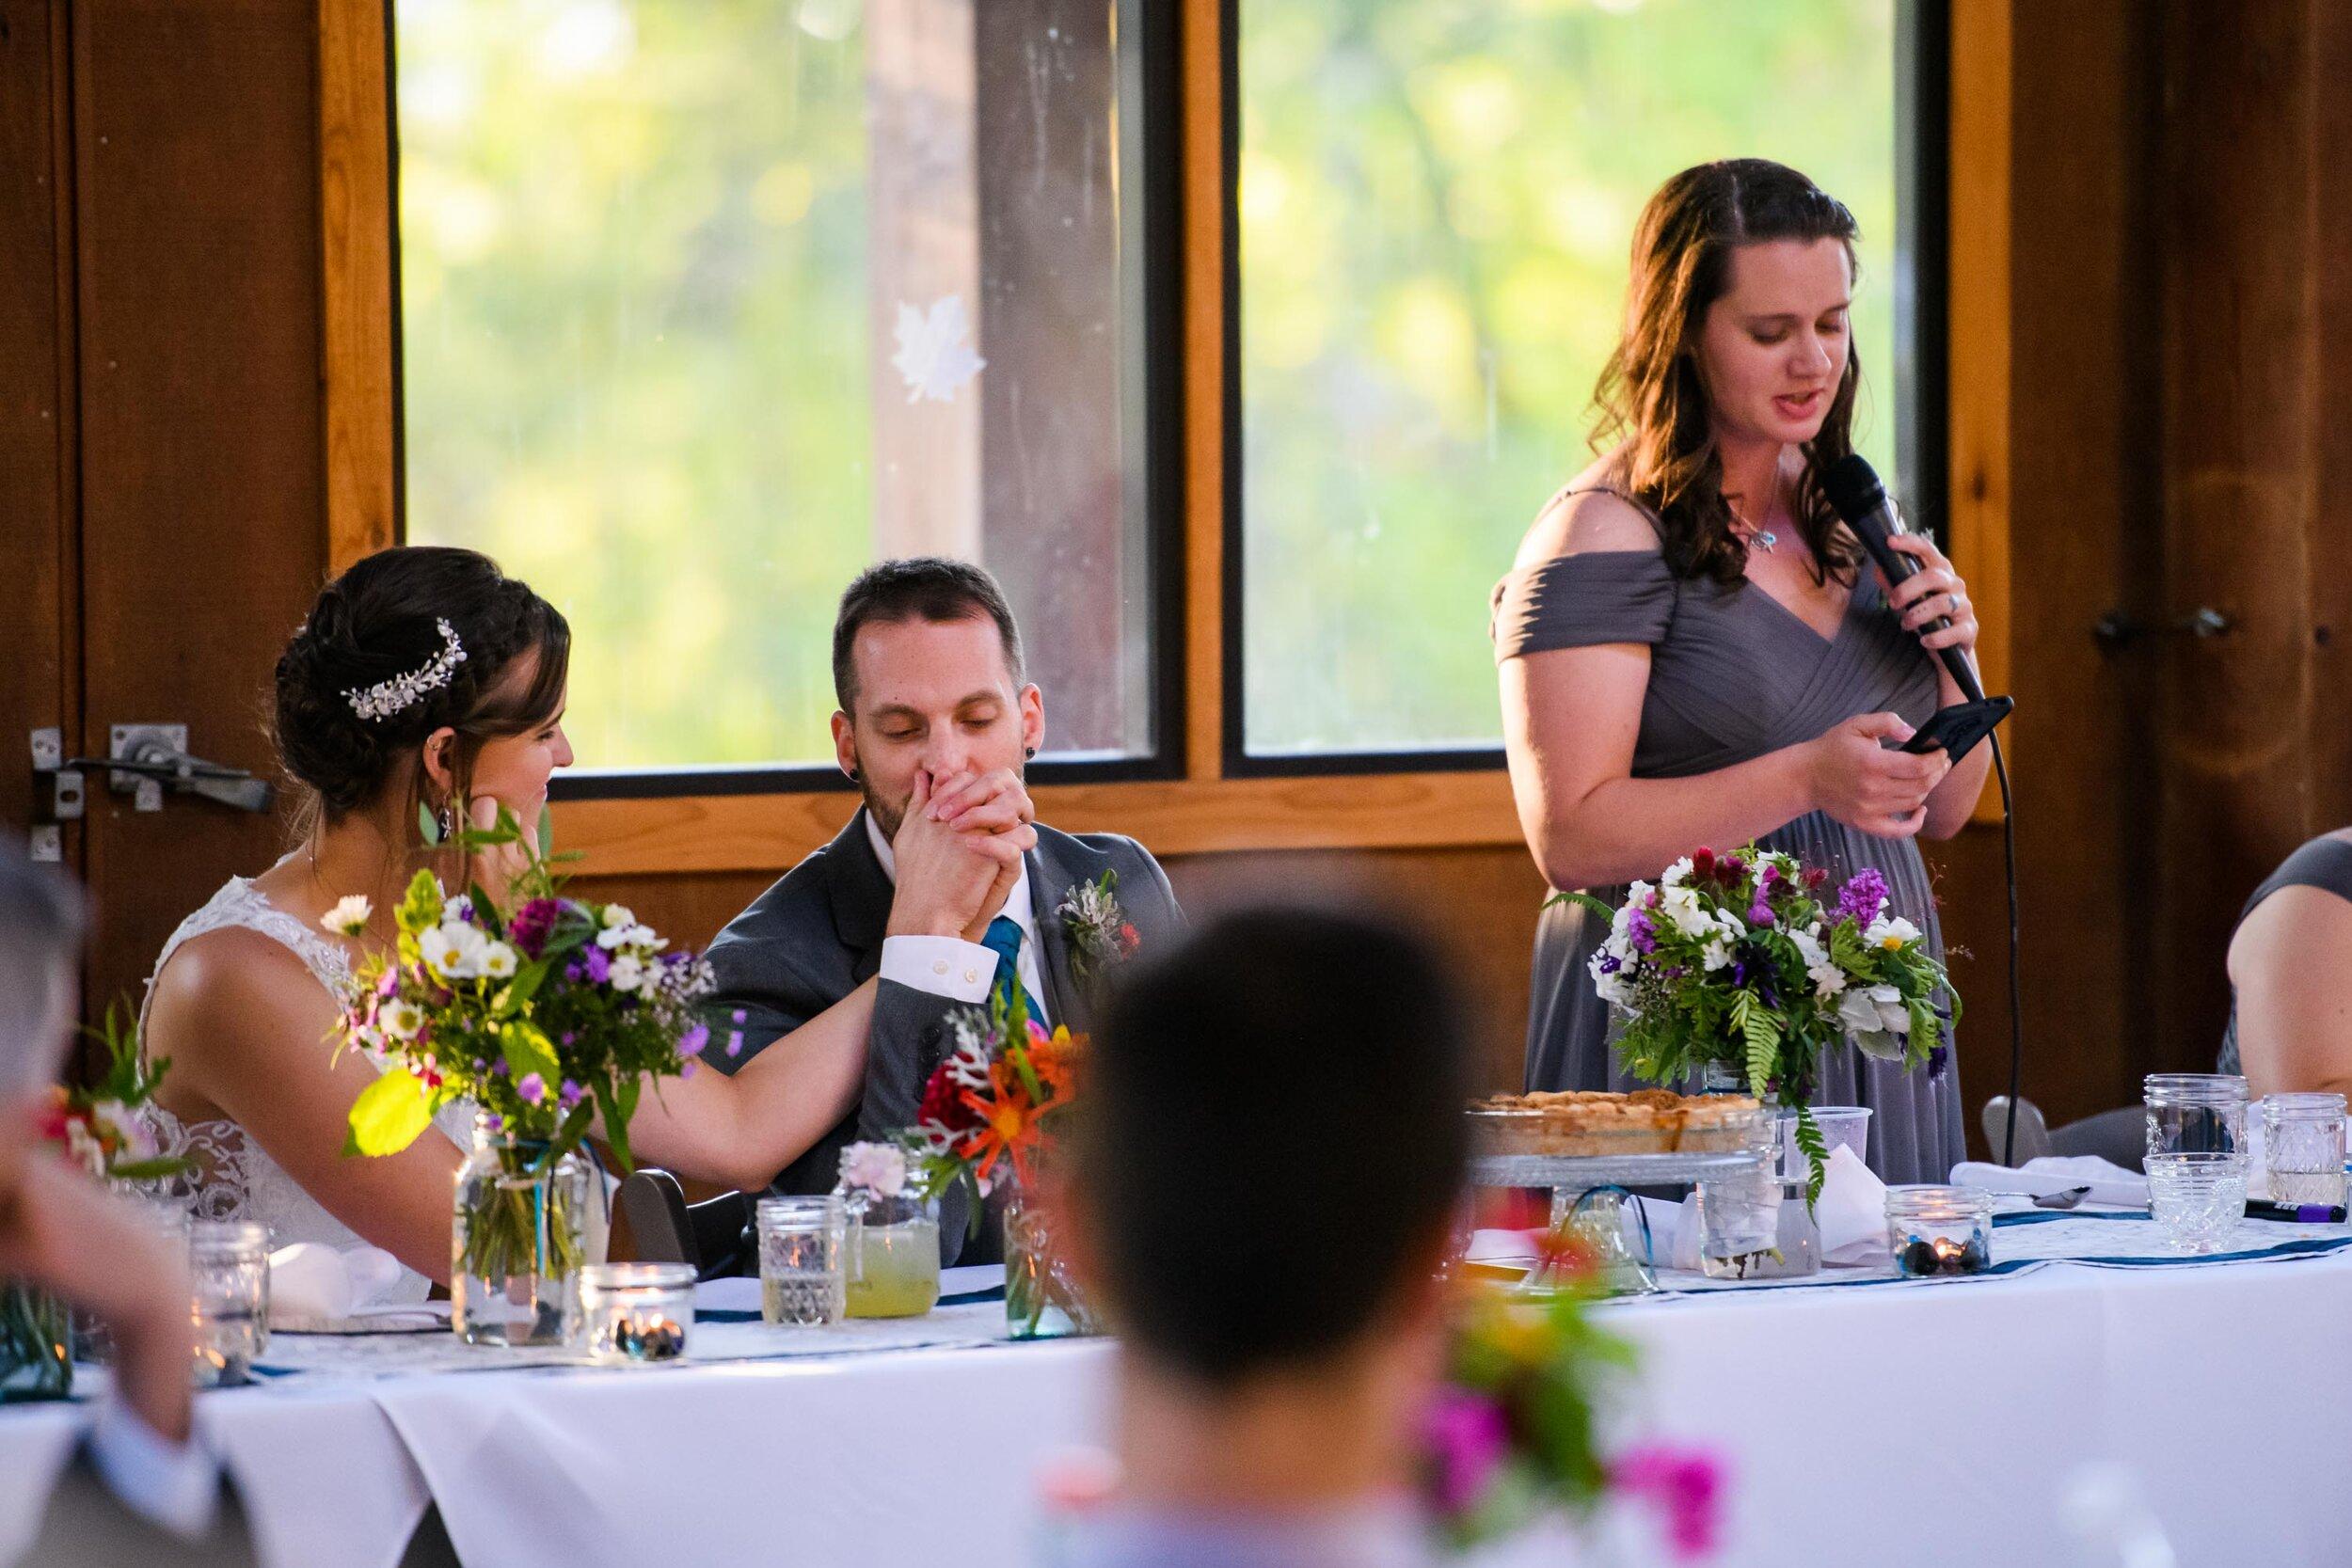 Mt. Pisgah Arboretum wedding photos 100.JPG